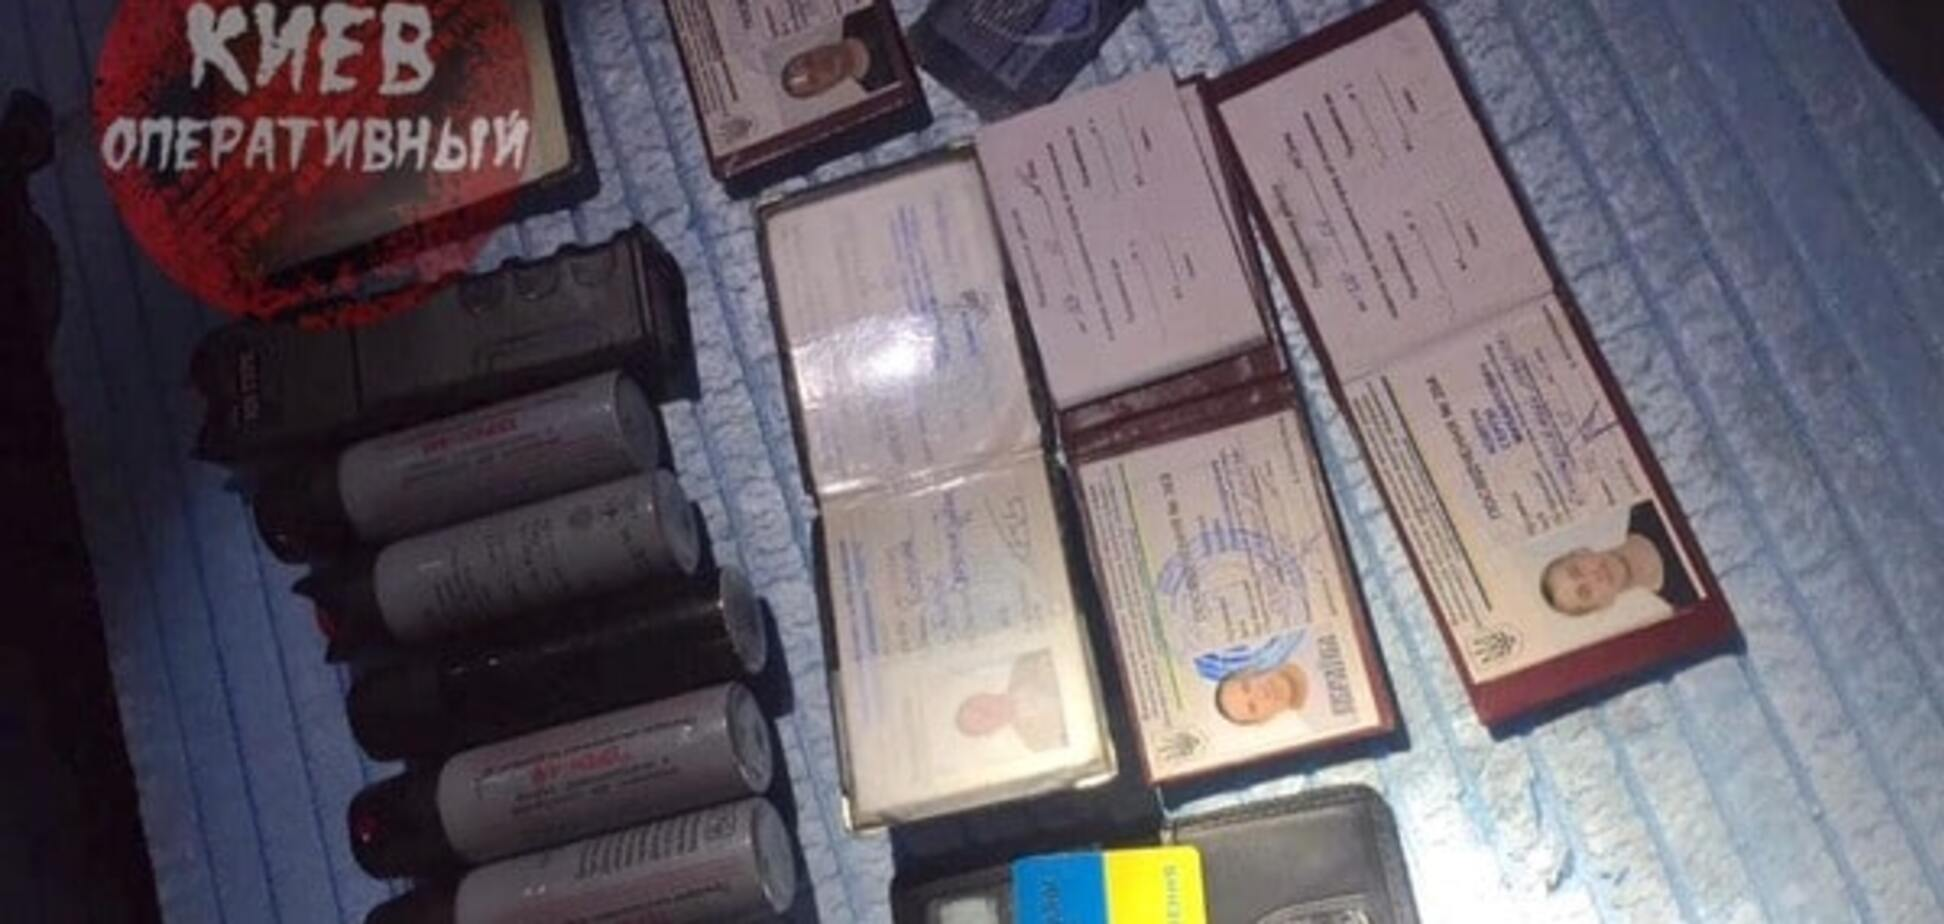 Зіткнення на київському будівництві: у затриманих знайшли 'ксиви' міліціонерів